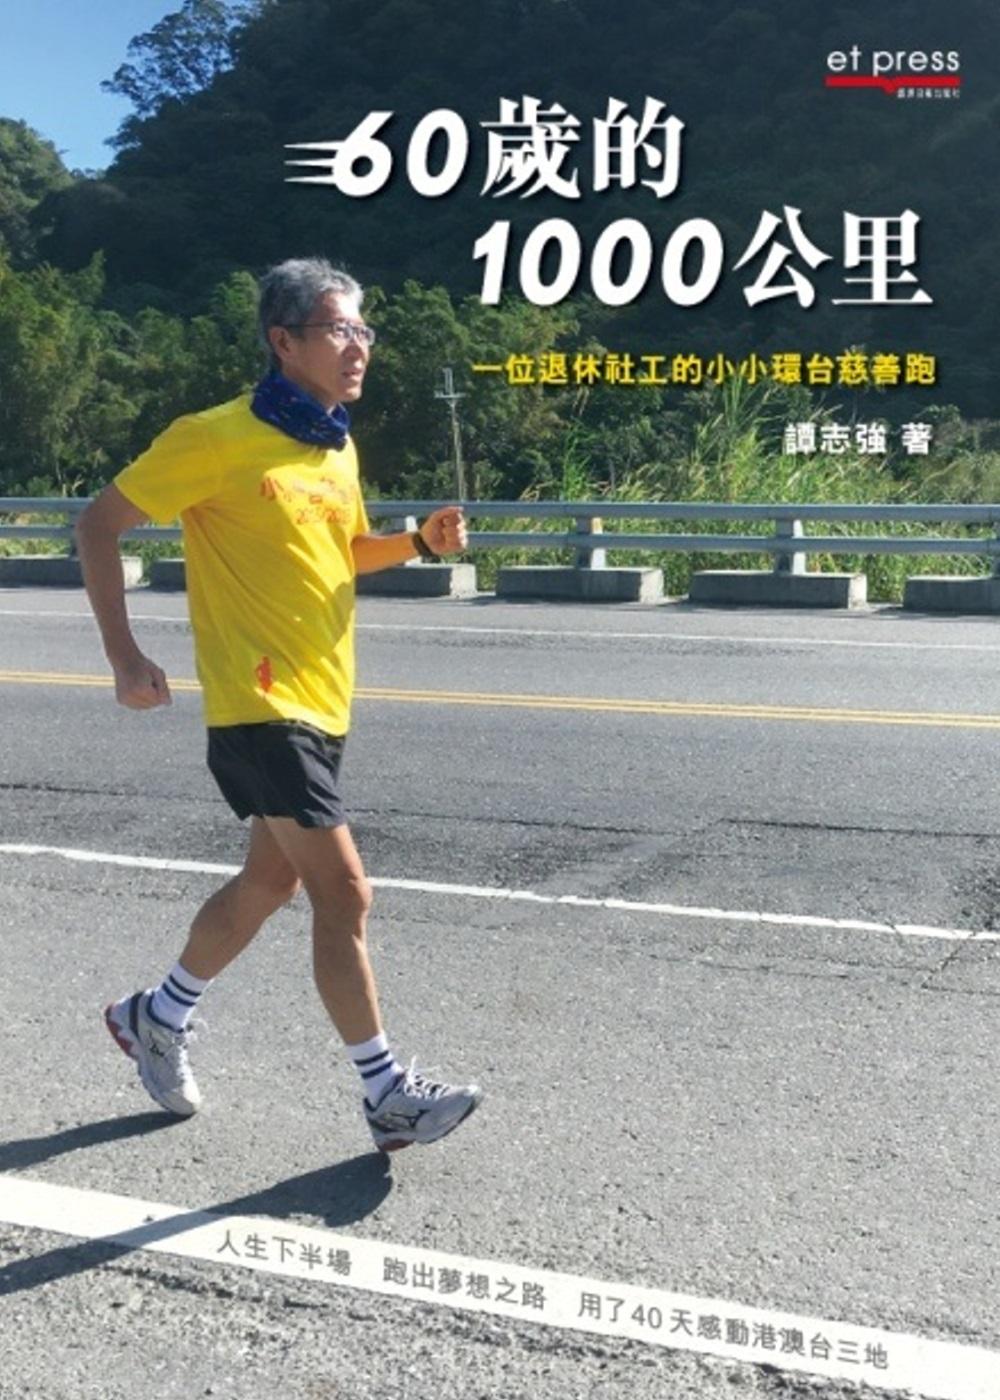 《60歲的1000公里:一位退休社工的小小環台慈善跑》 商品條碼,ISBN:9789888501083